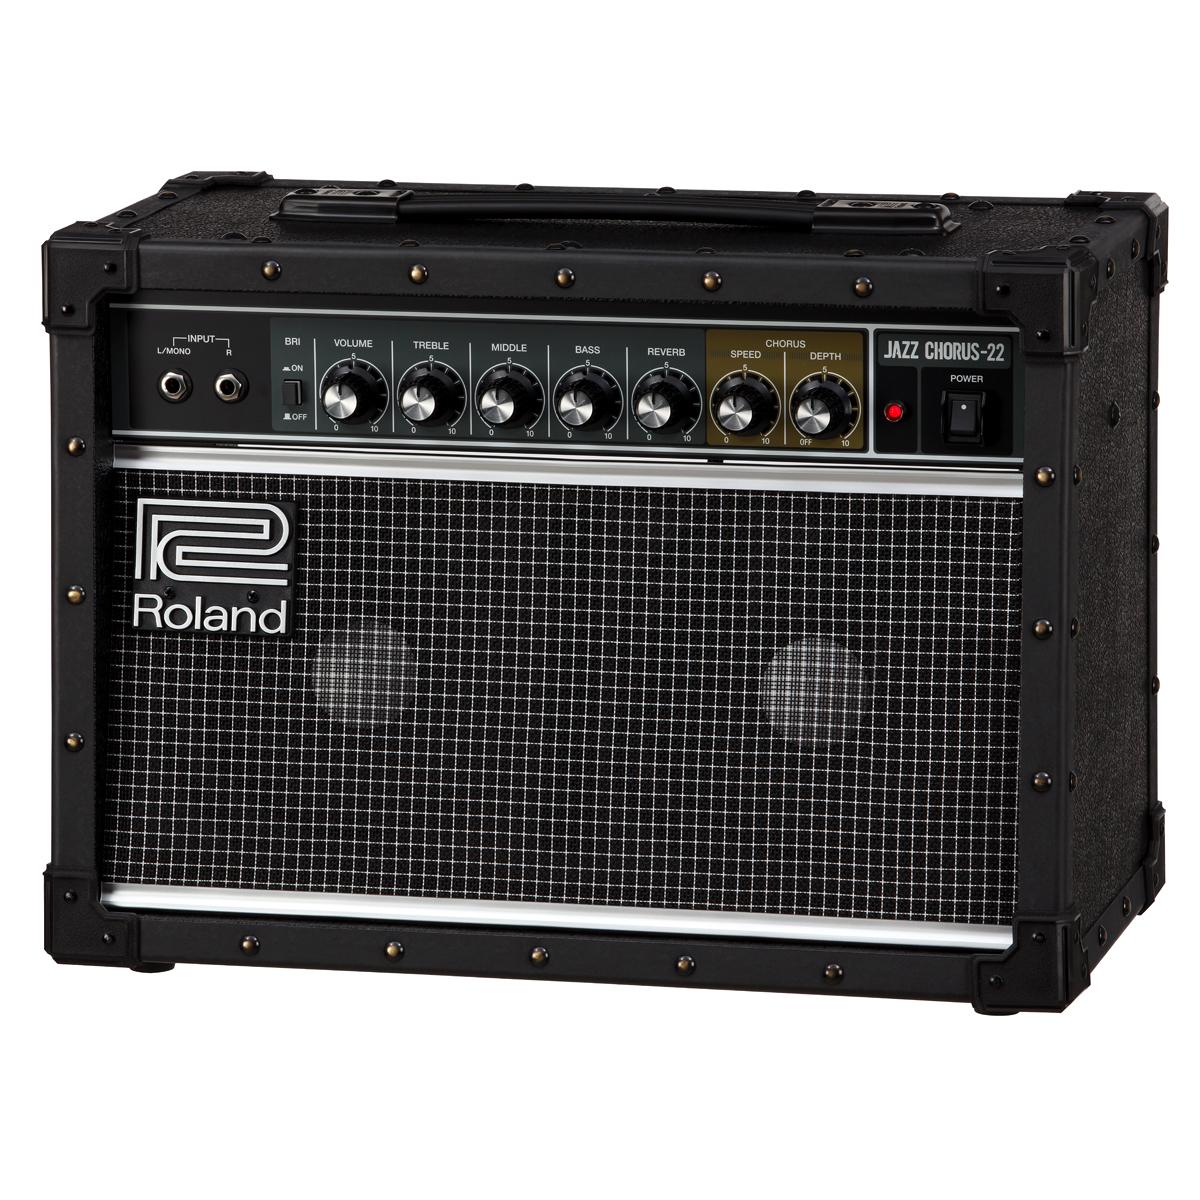 Roland / JC-22 Jazz Chorus Guitar Amplifier ローランド ギターアンプ ジャズコーラス 30W ≪今ならピック10枚プレゼント!≫【メーカー1年保証】【TFJ2】【新宿店】